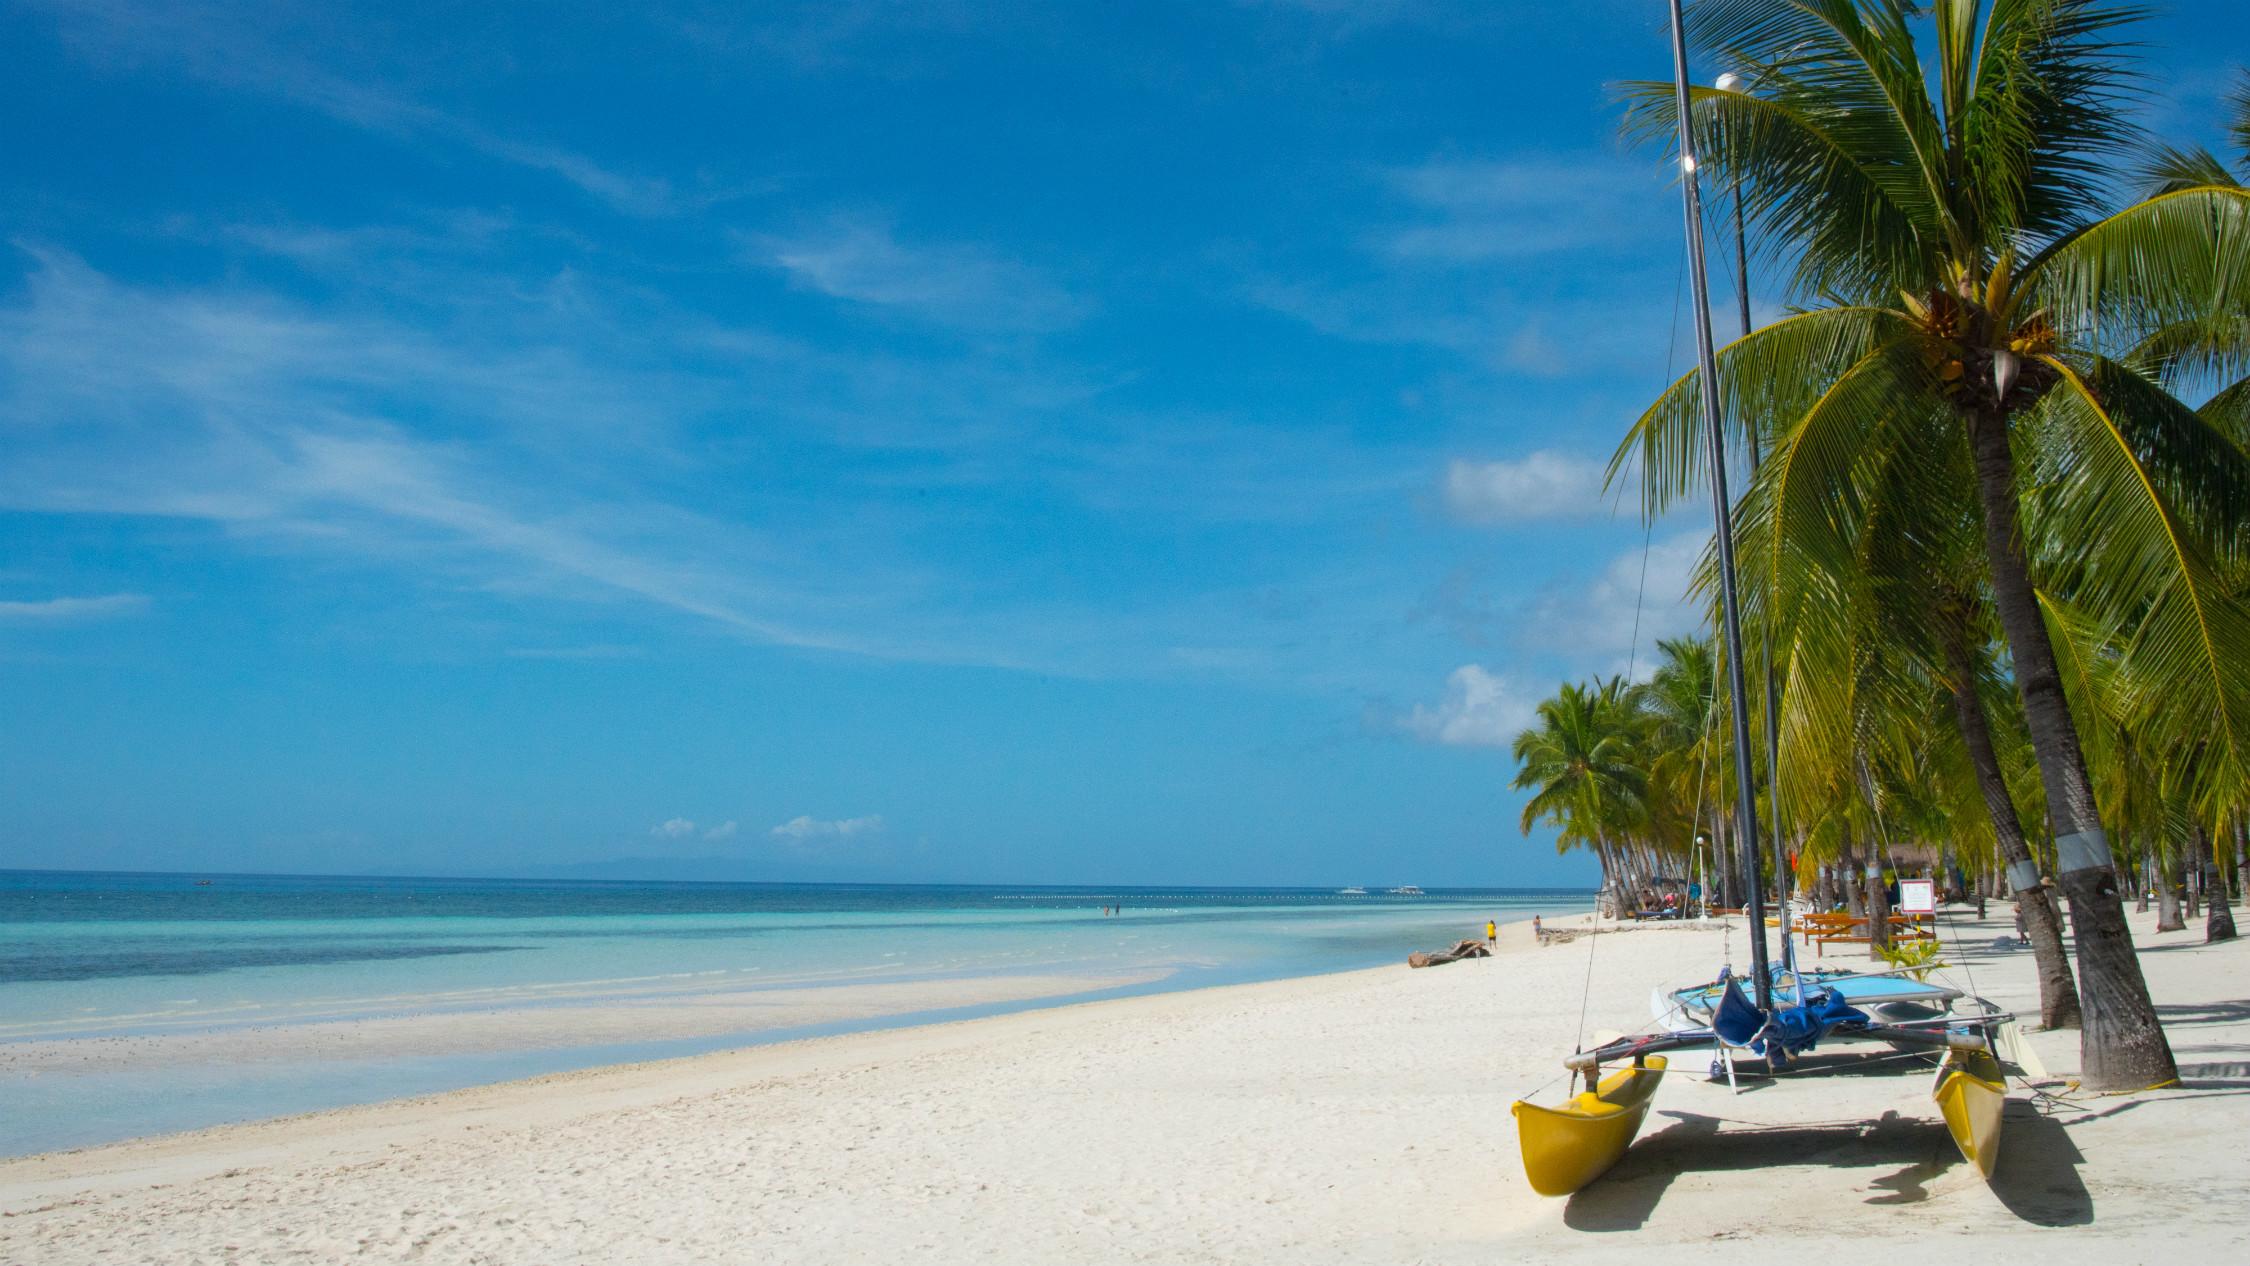 Guide to visiting Cebu and Bohol